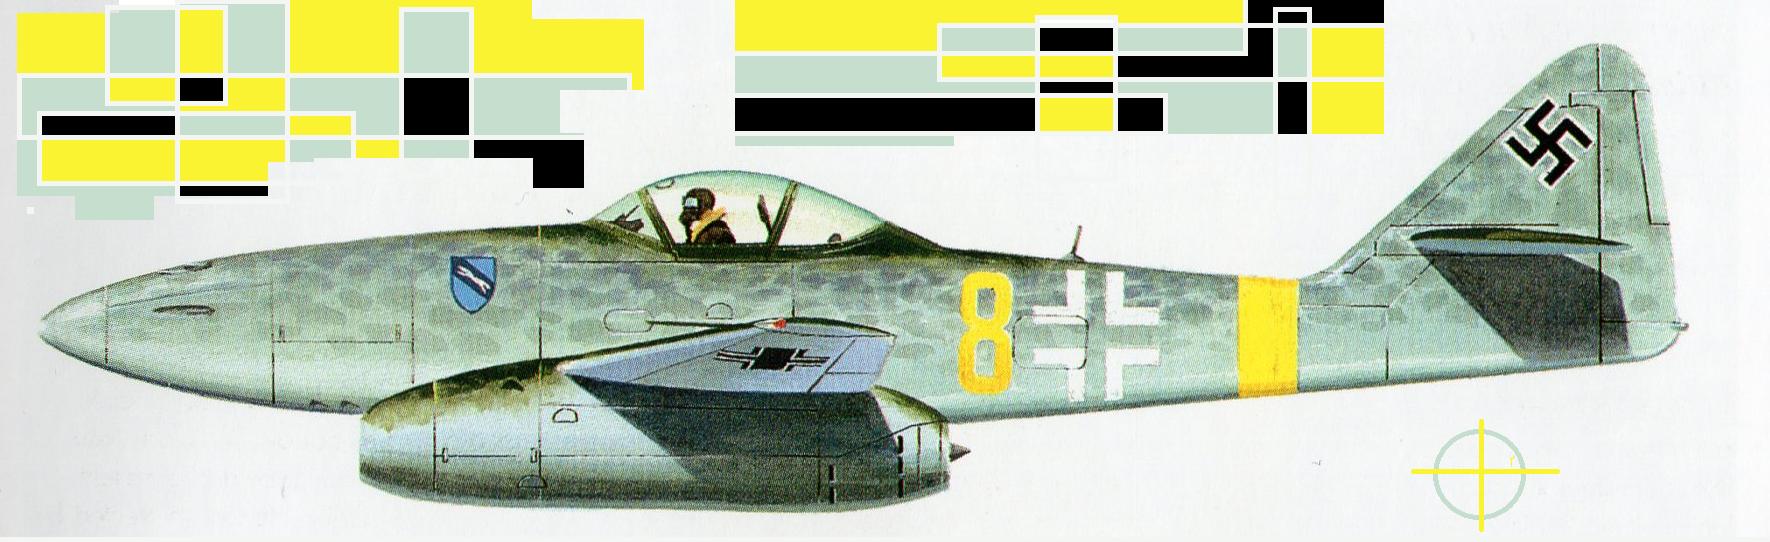 messer 262